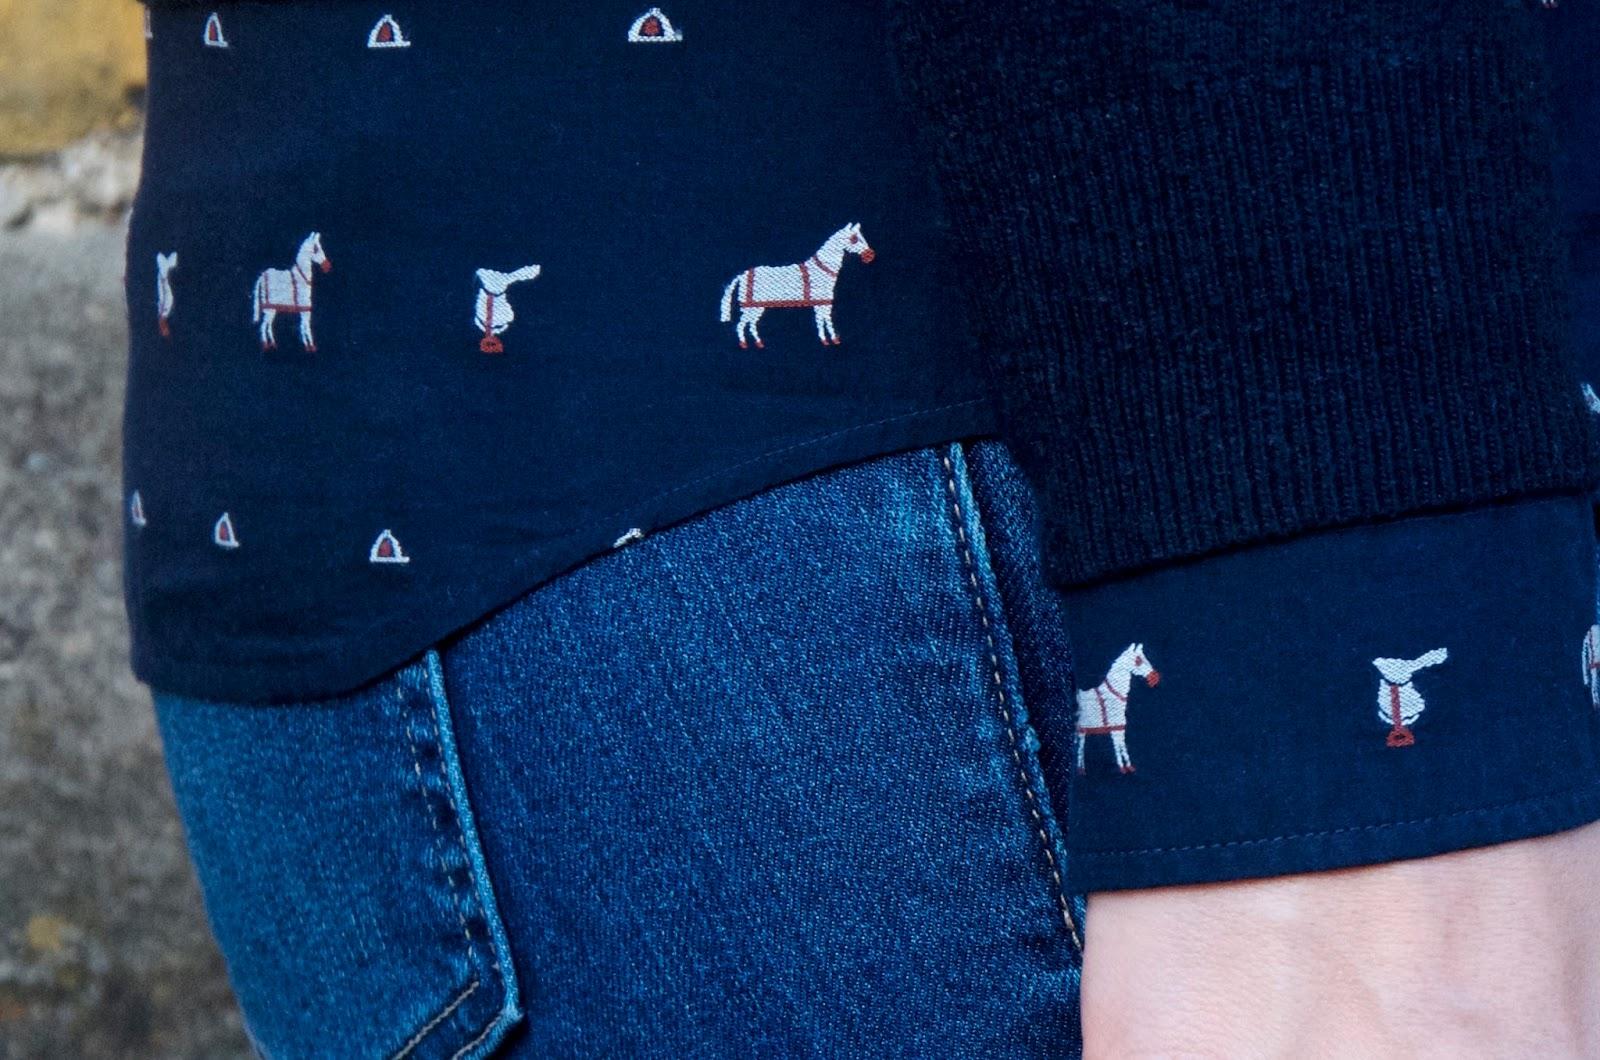 Equestrian horse print shirt